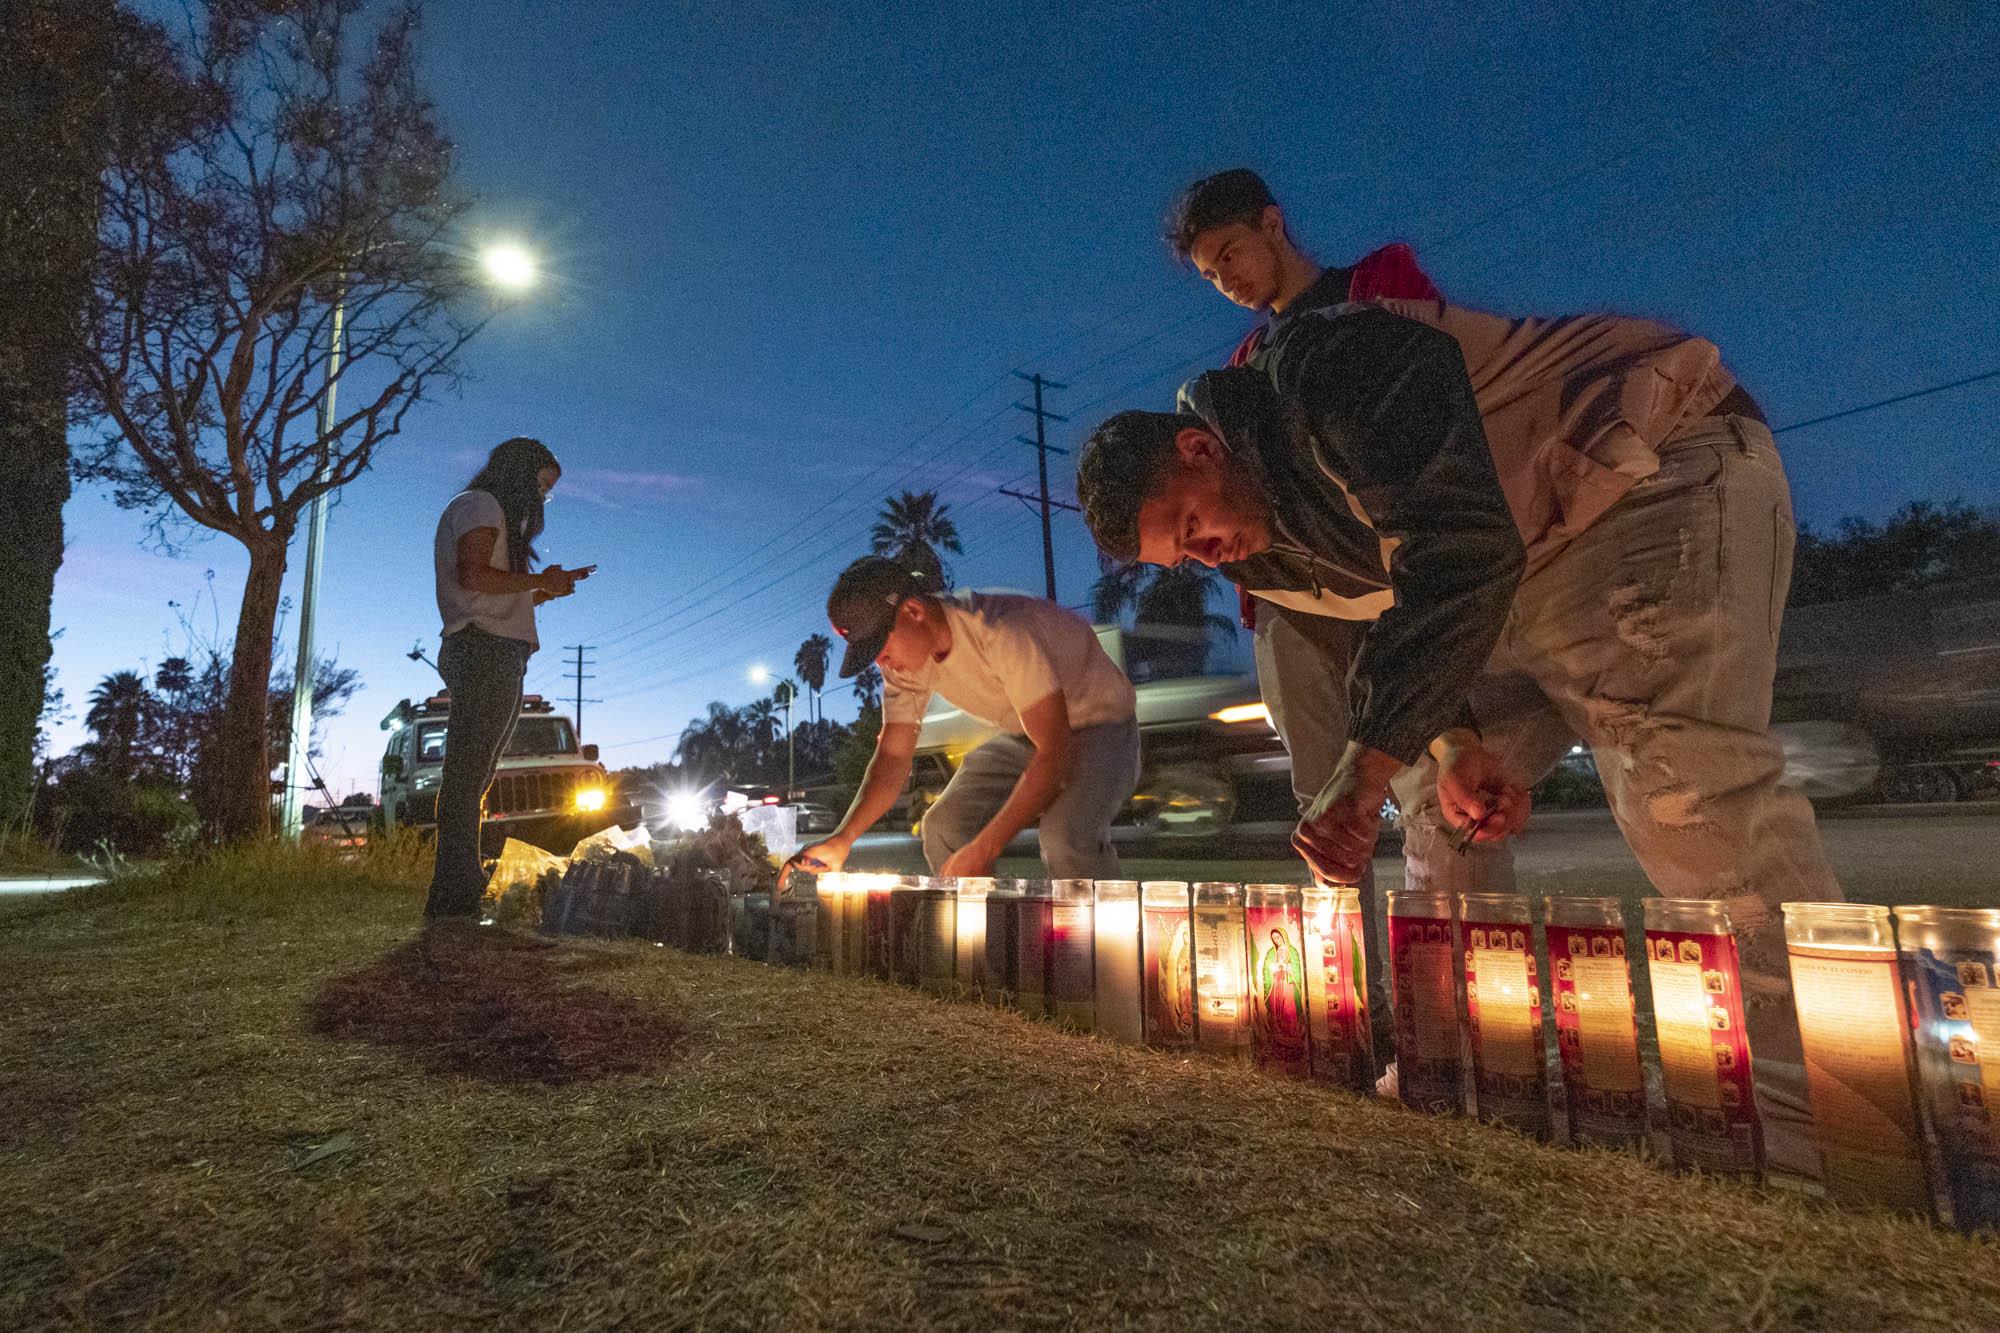 Pierce student dies in car accident